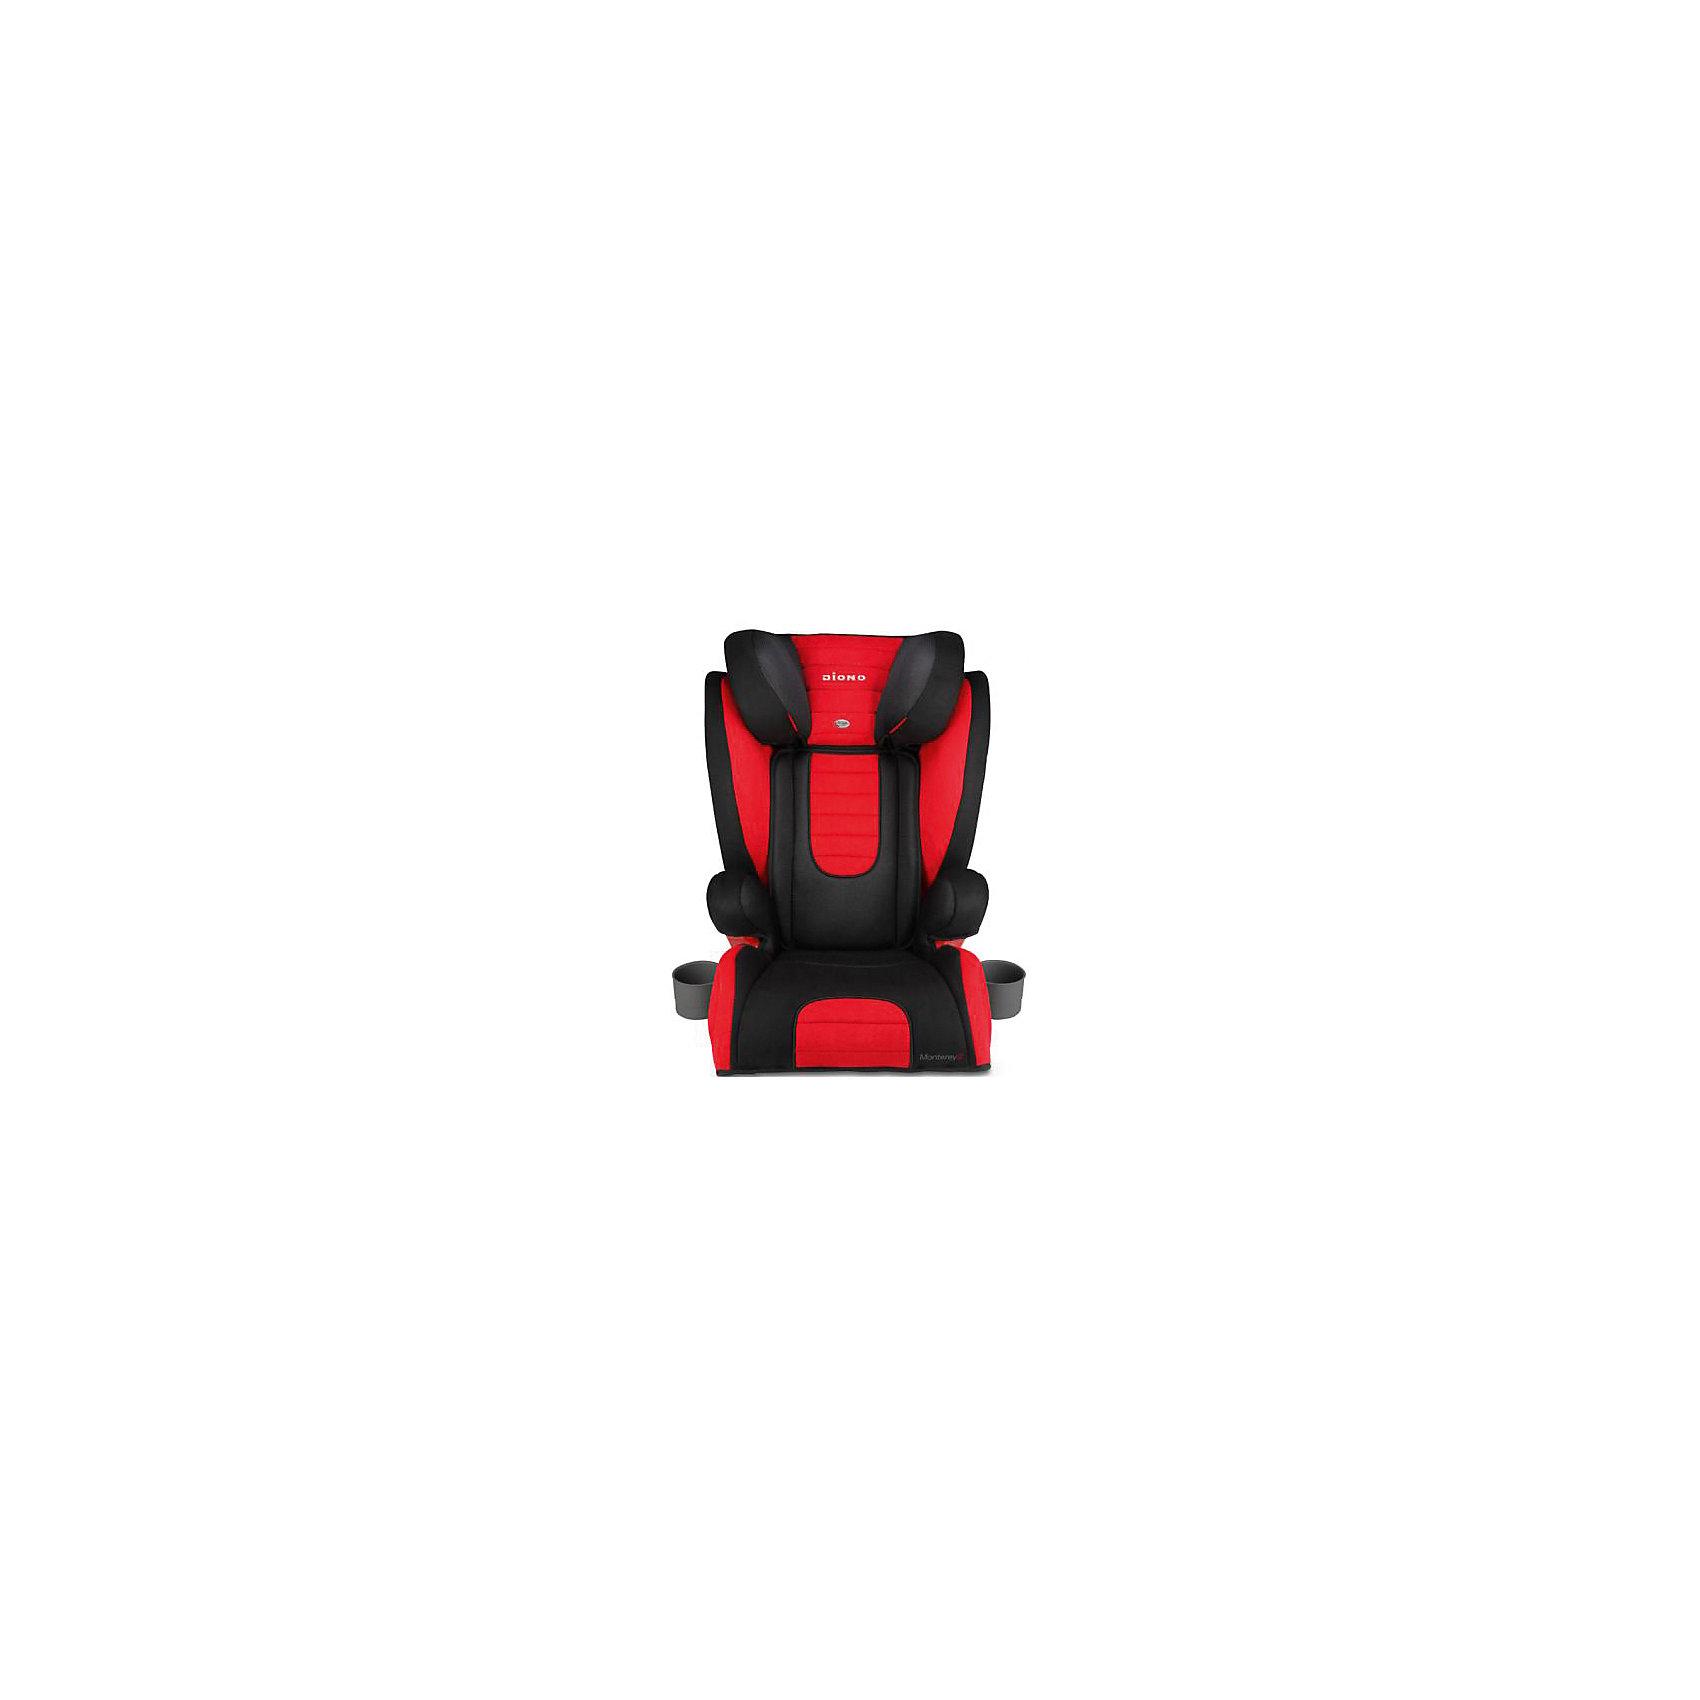 Автокресло Diono Monterey 2, 15-36 кг, RedГруппа 2-3 (От 15 до 36 кг)<br>Diono Monterey 2 Red - превосходное автокресло для безопасности и удобства ребенка во время длительных поездок. Кресло удобно устанавливается по ходу движения автомобиля, благодаря 3-точечным ремням и легкой регулировке креплений с системой Isofix. Для повышенной безопасности автокресло оборудовано глубоким регулируемым подголовником и боковыми подушками. Удобство ребенку обеспечат регулируемая спинка, мягкая подкладка и два удобных подстаканника. Это кресло надежно защитит вашего ребенка!<br>Особенности и преимущества:<br>-для детей от 15 до 36 кг<br>-крепления Isofix<br>-боковые подушки для дополнительной боковой защиты<br>-11 положений подголовника; регулируется на высоту до 16 см<br>-дополнительные ремни безопасности<br>-2 подстаканника<br>-чехол легко снимается для стирки<br>Цвет: красный<br>Материал: металл, текстиль, пластик<br>Размеры: 50x40,5х66 см<br>Вес: 7,1 кг<br>Автокресло Diono Monterey 2 Red  можно купить в нашем интернет-магазине.<br><br>Ширина мм: 670<br>Глубина мм: 360<br>Высота мм: 430<br>Вес г: 8800<br>Возраст от месяцев: 48<br>Возраст до месяцев: 144<br>Пол: Унисекс<br>Возраст: Детский<br>SKU: 2614577